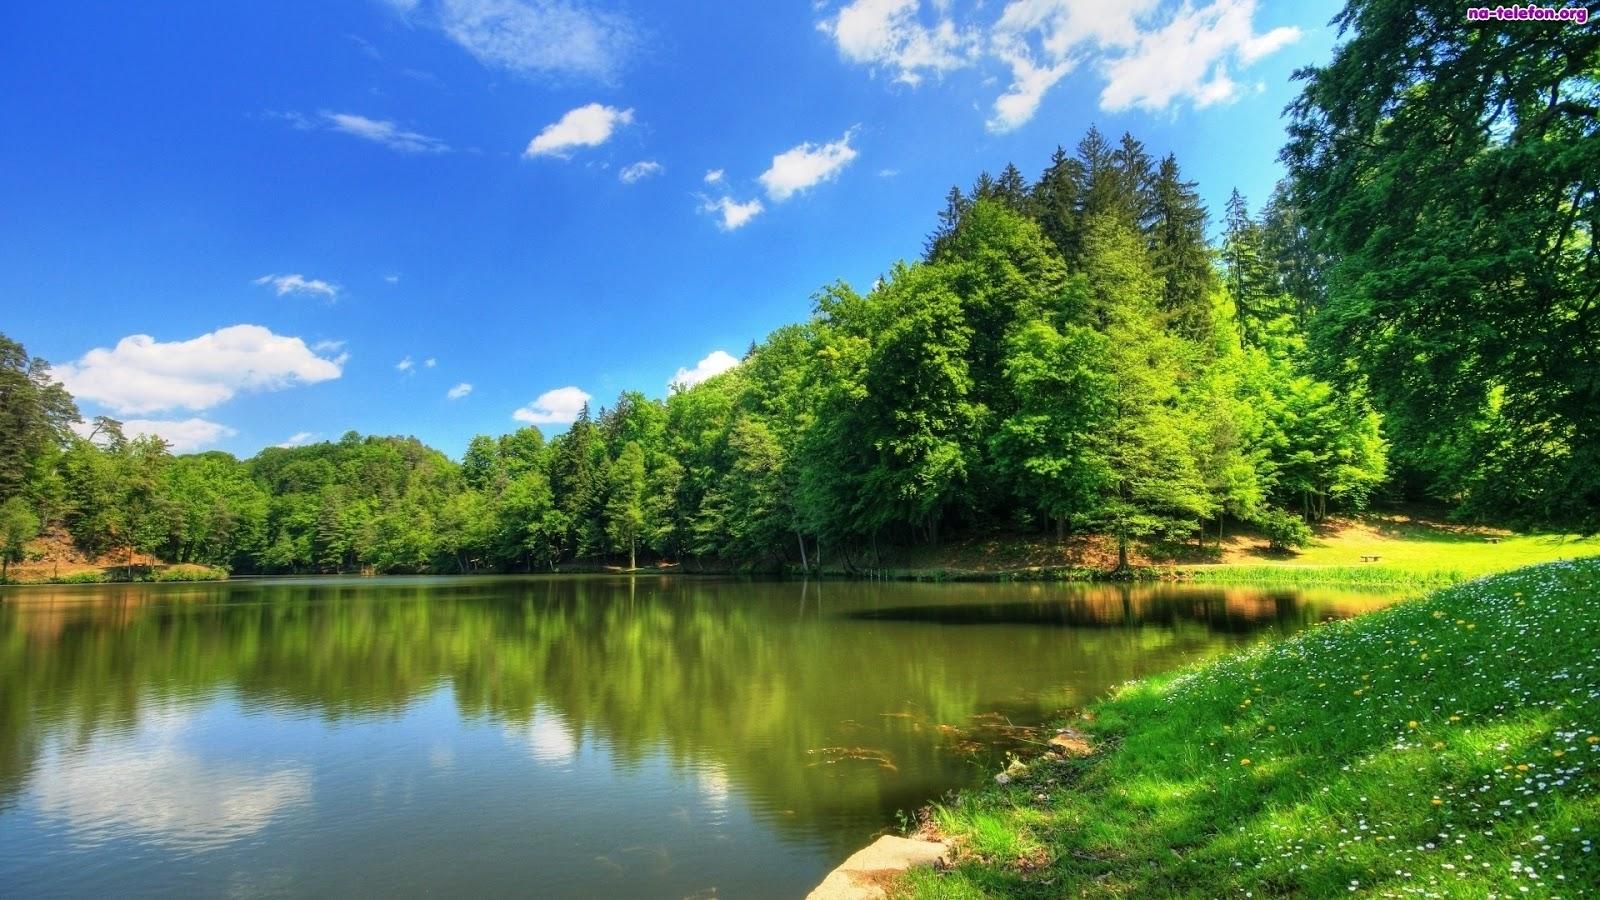 cảnh đẹp thiên nhiên (2)